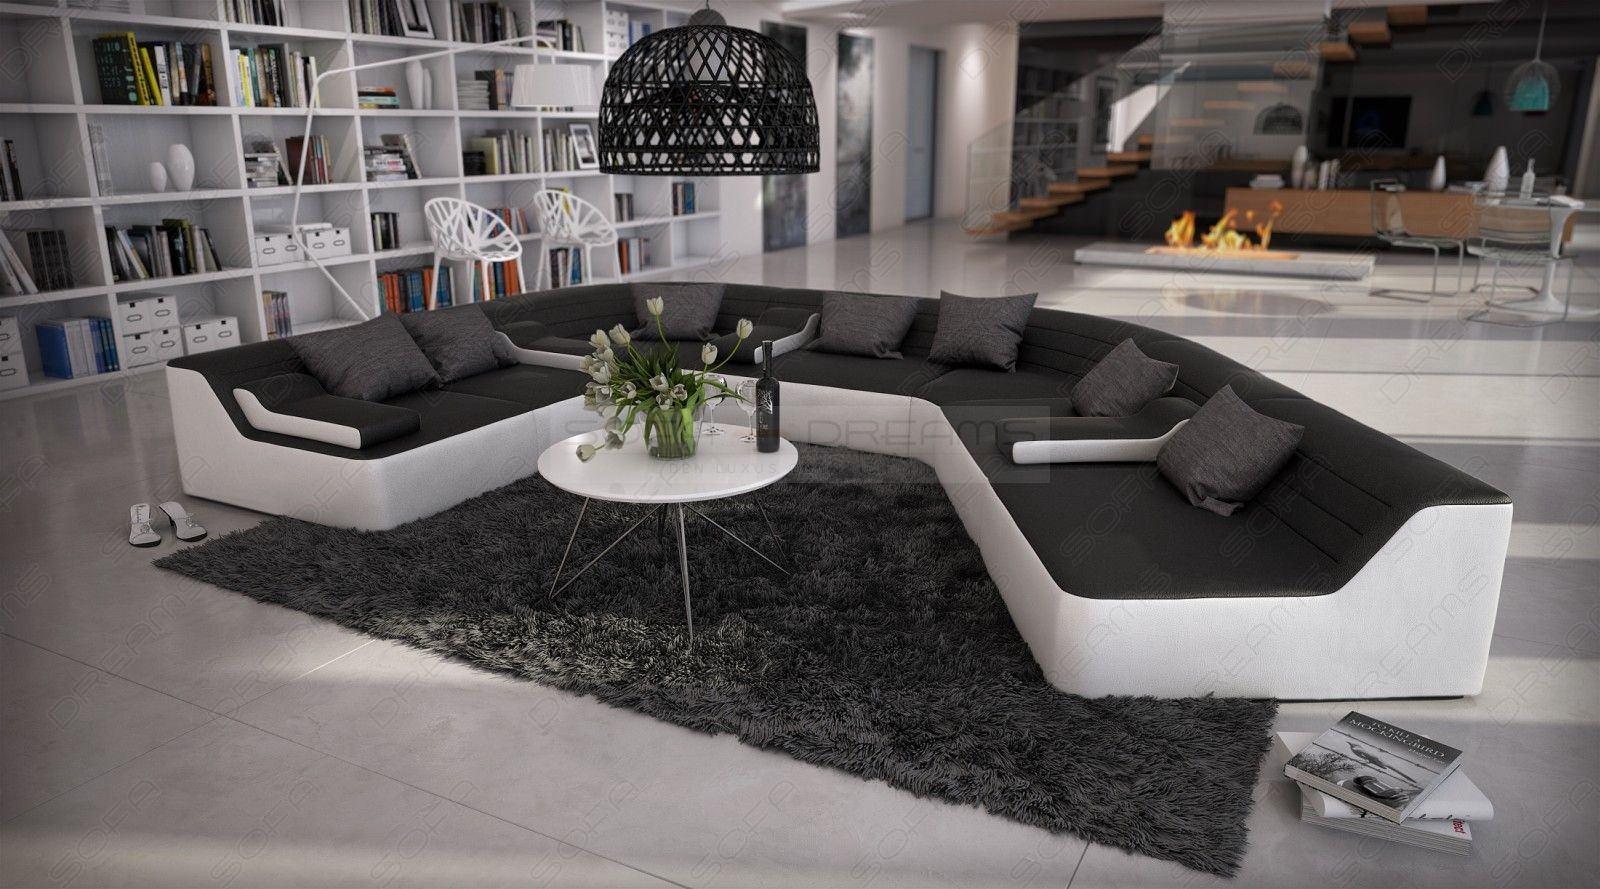 moderne Couchgarnitur in schwarz-weiss